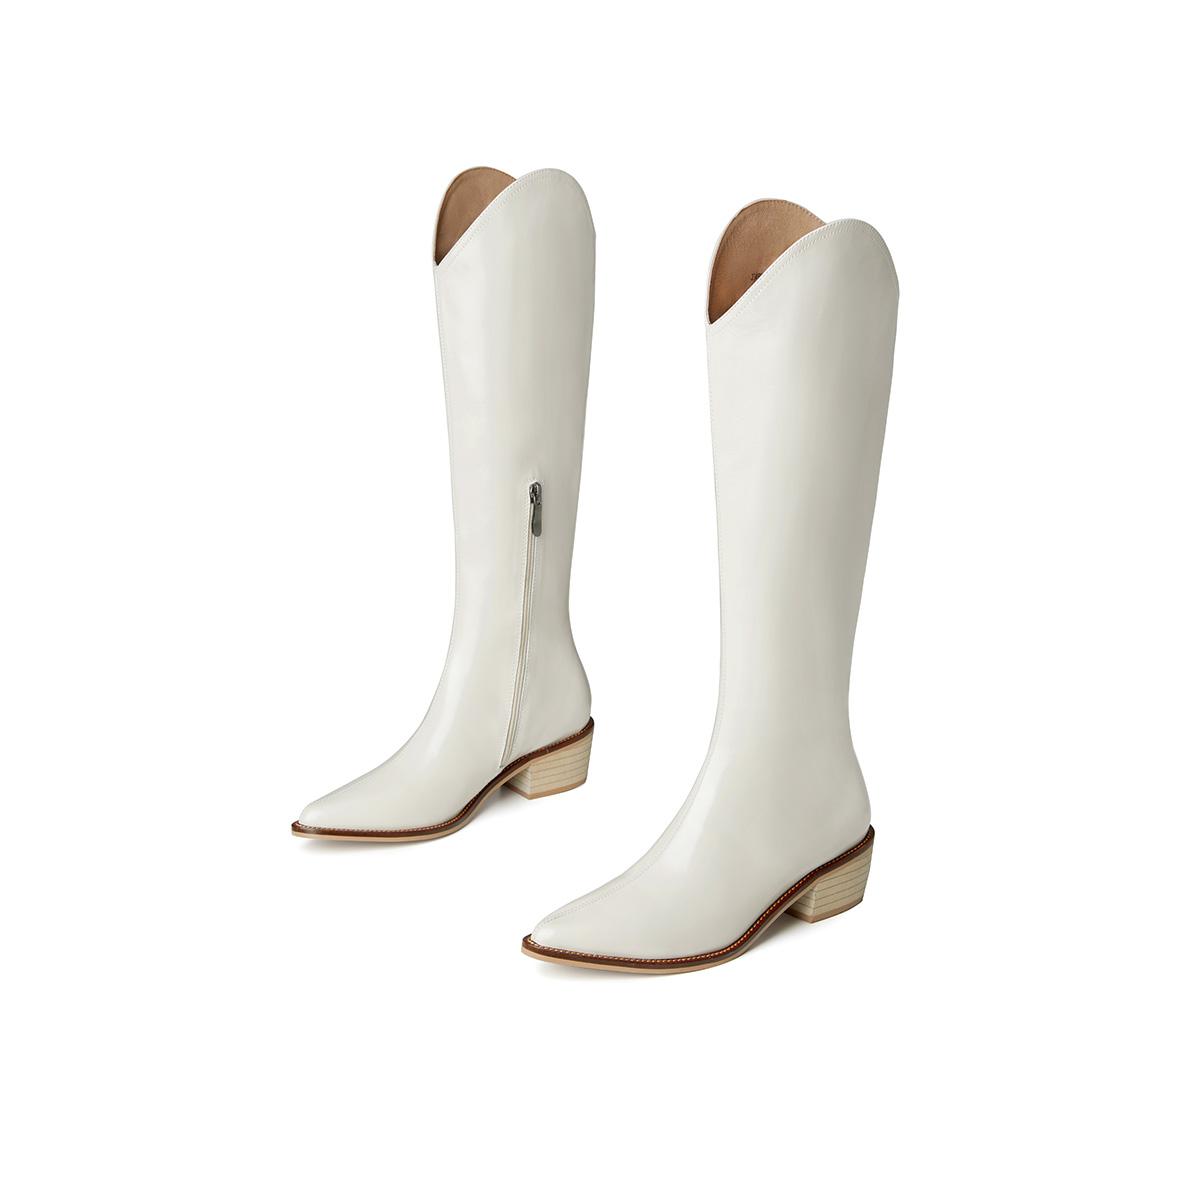 杰雷哈洛【高筒靴】2021秋冬新款牛油皮尖头拉链时尚女靴子骑士靴